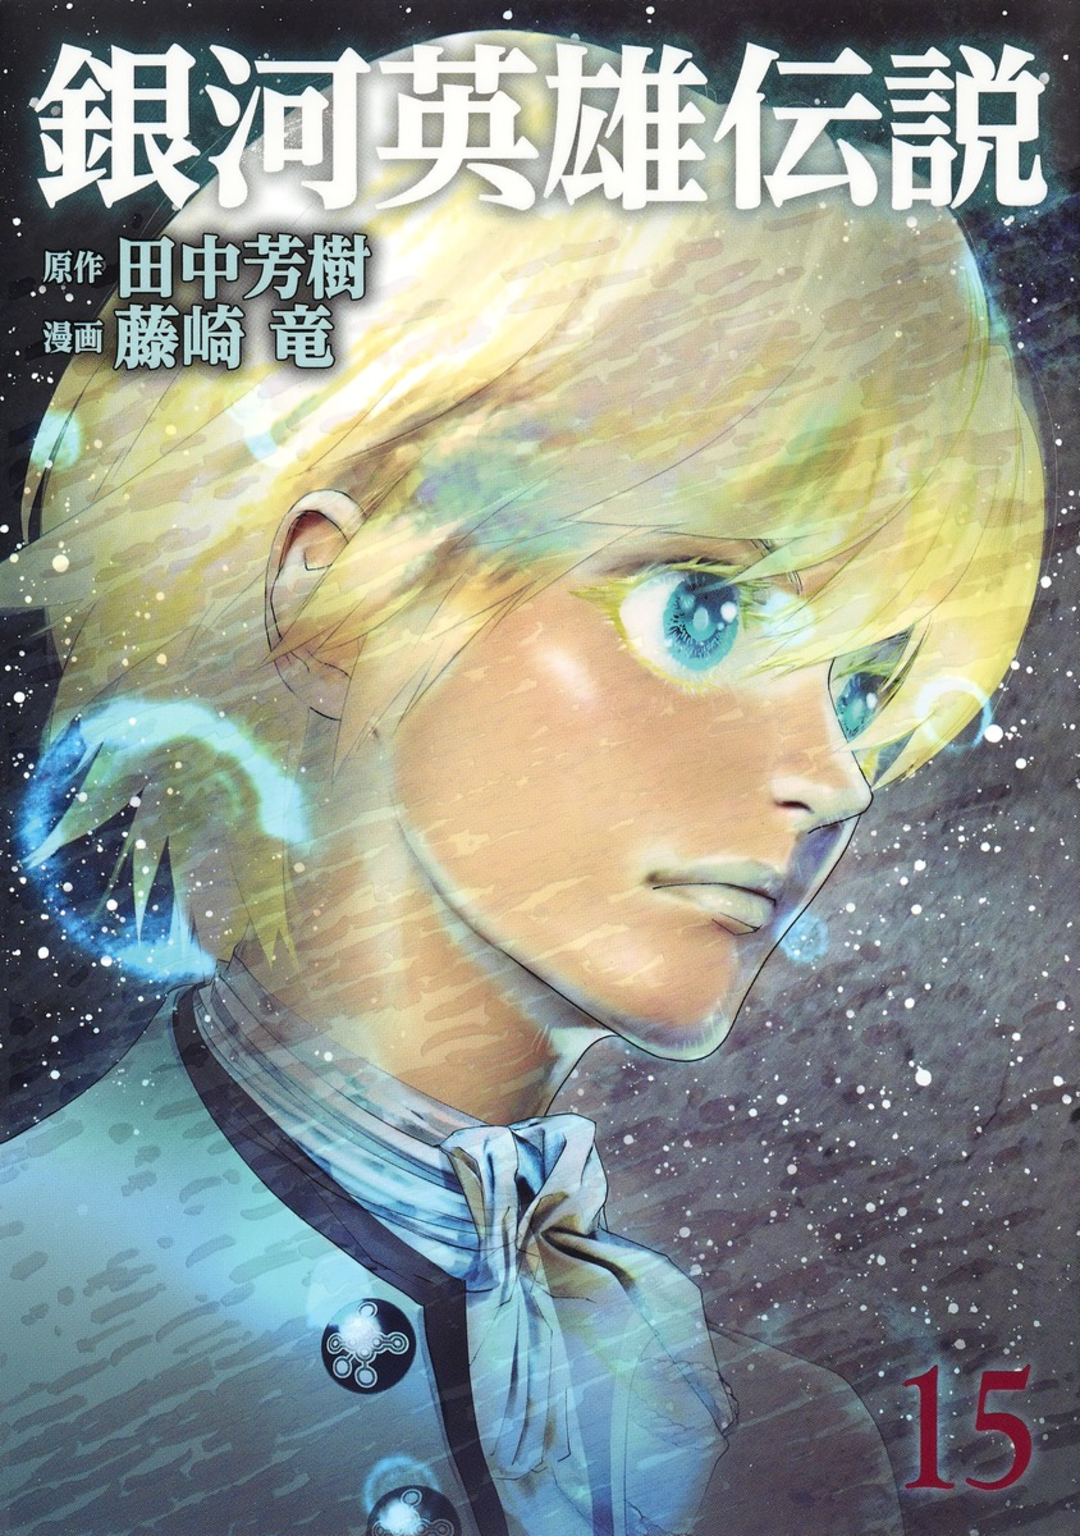 伝説級のSF小説をマンガ&アニメでも体験!!